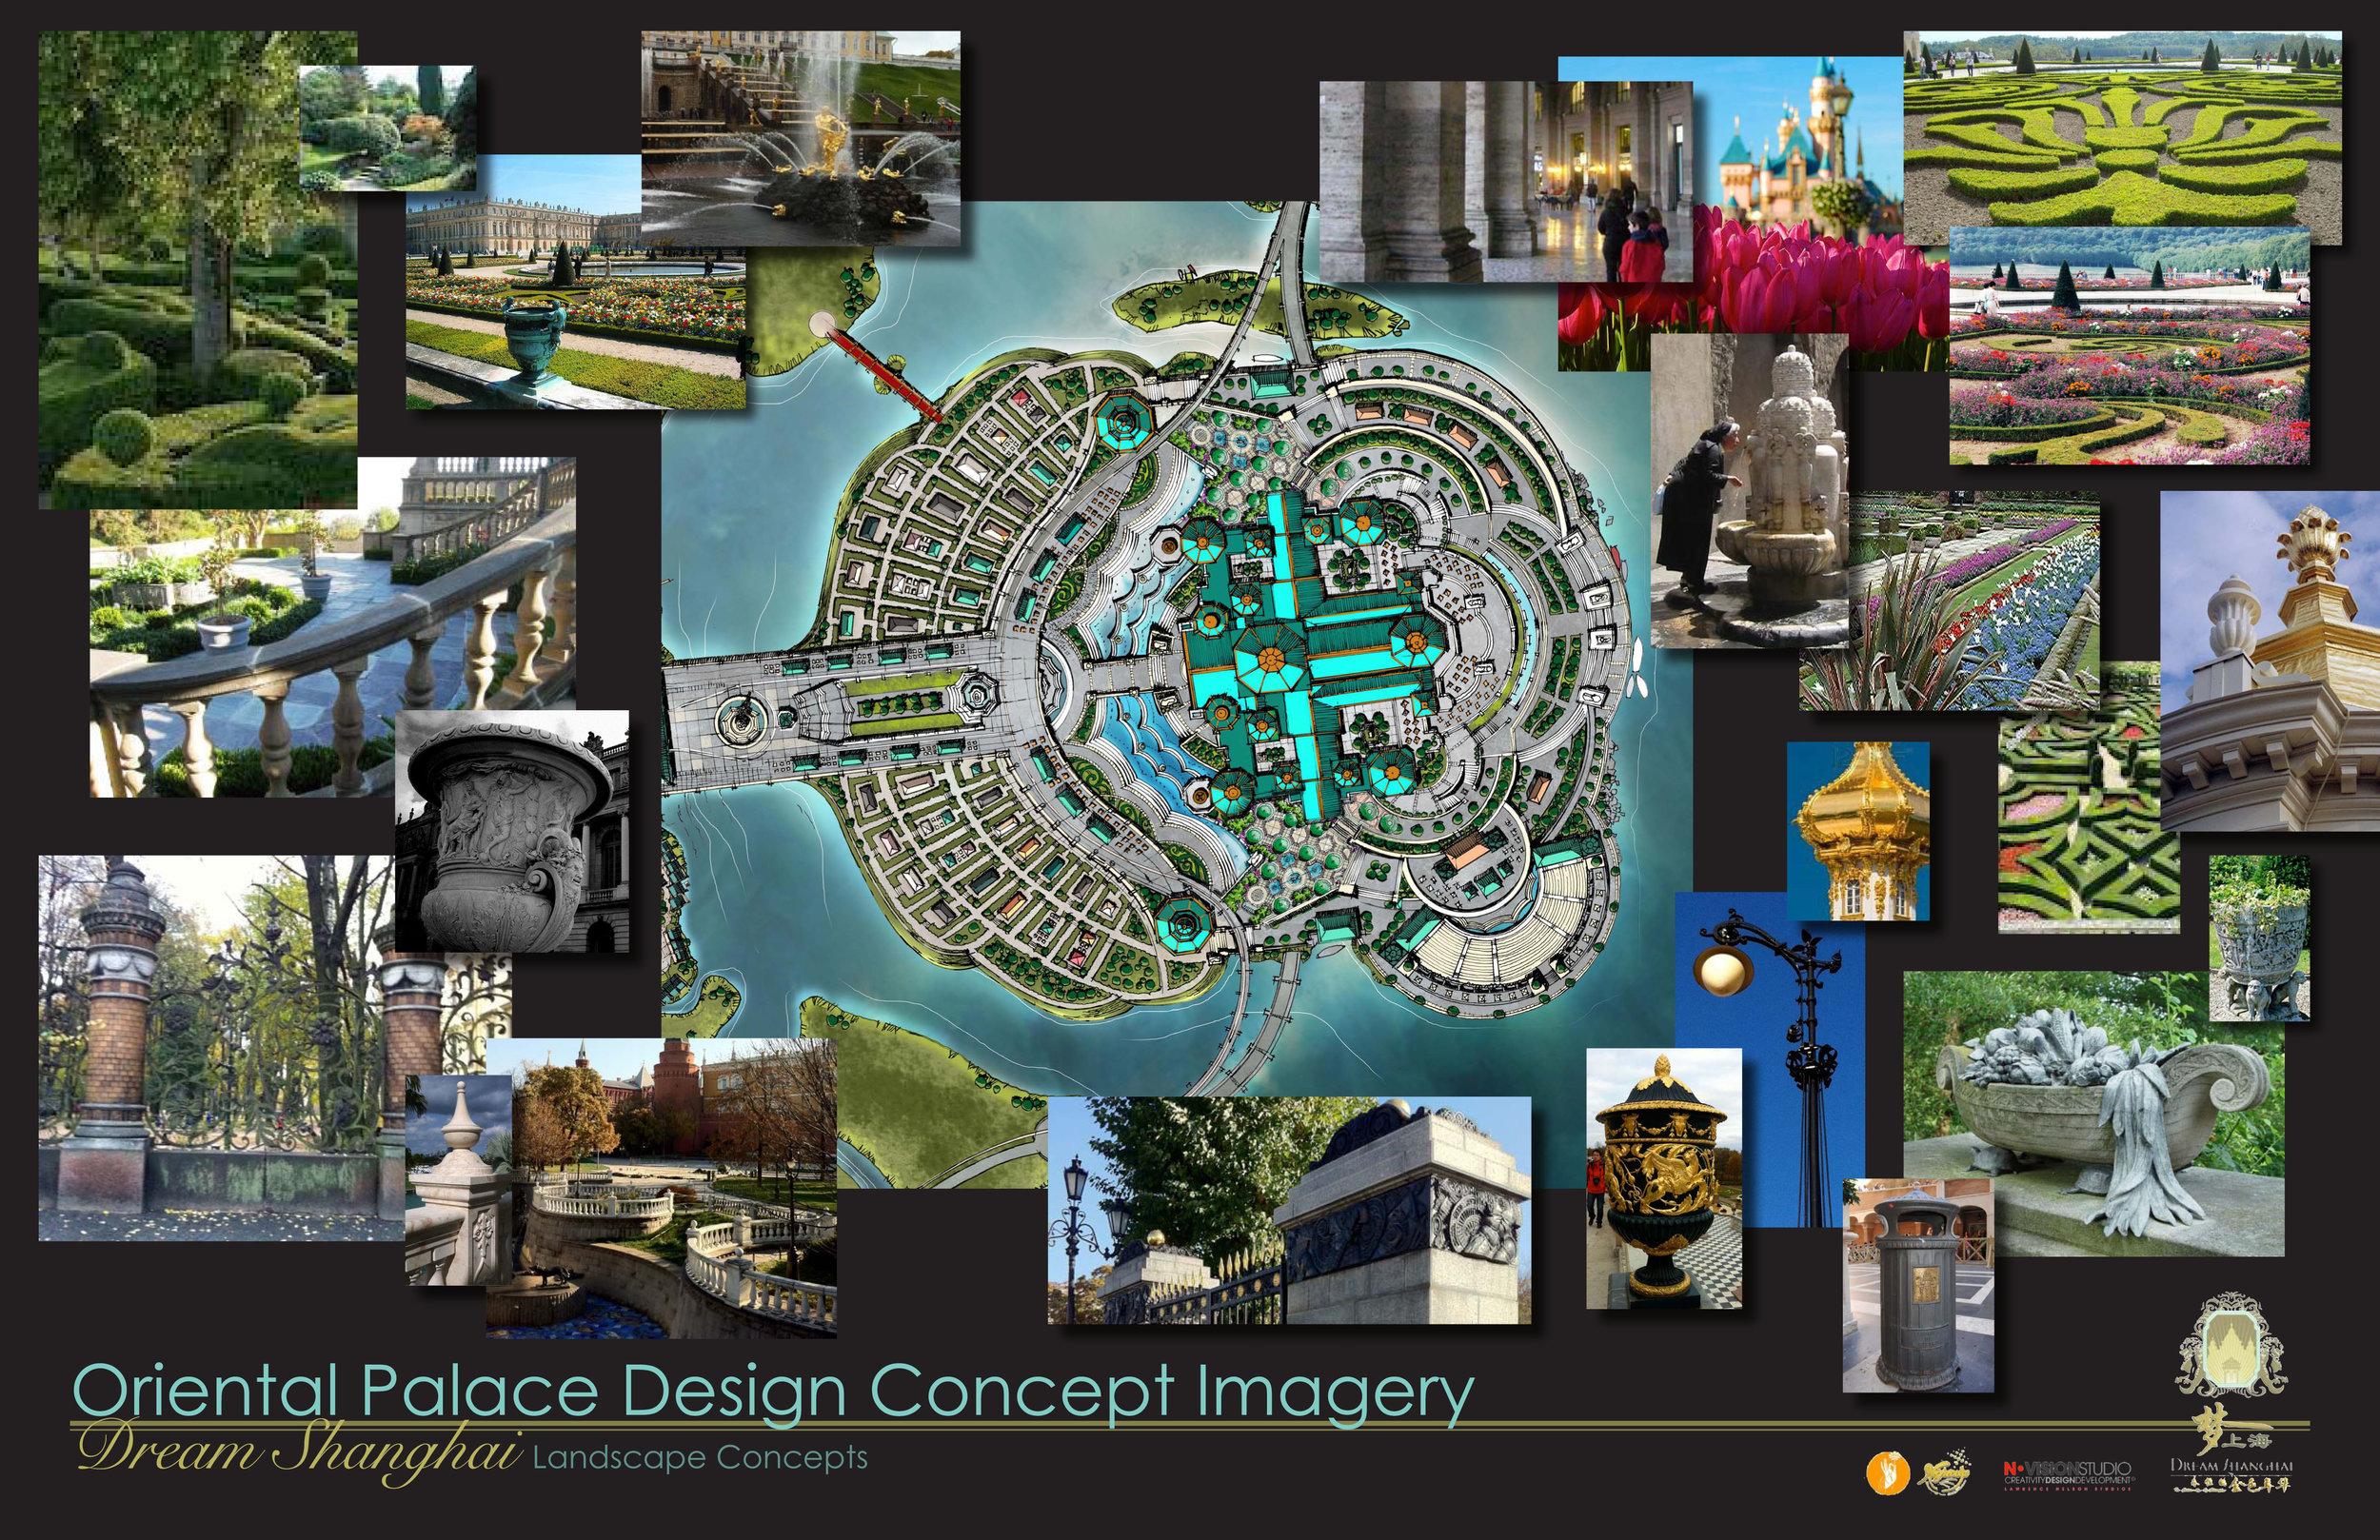 DS-LandscapeConcepts-2012-05-01-FINAL-4.jpg